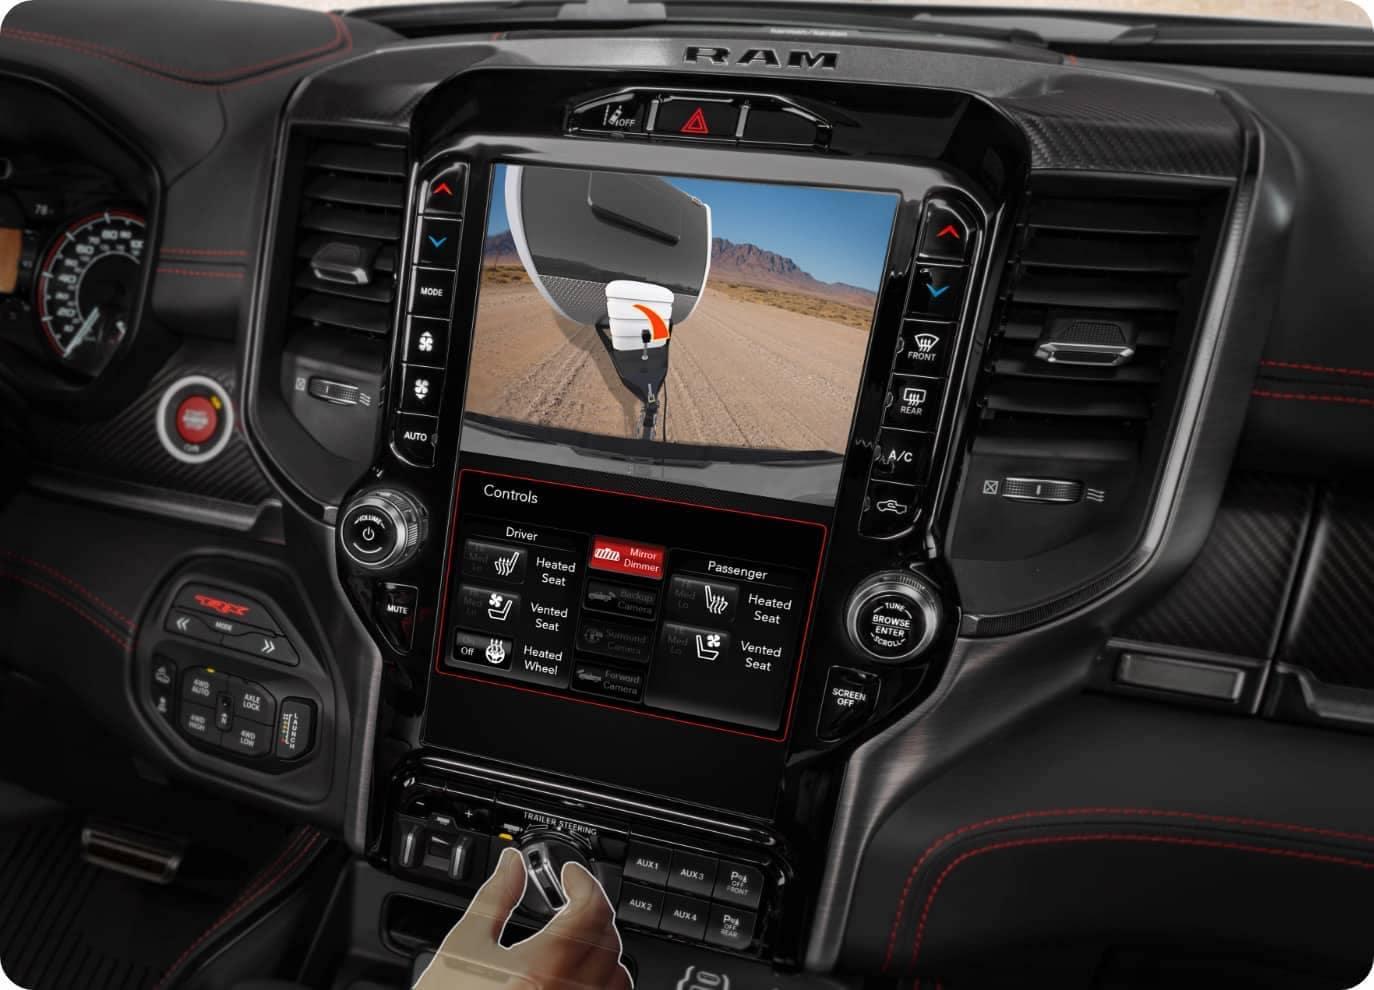 2021 Ram 1500 Technology available in Warrenton, VA